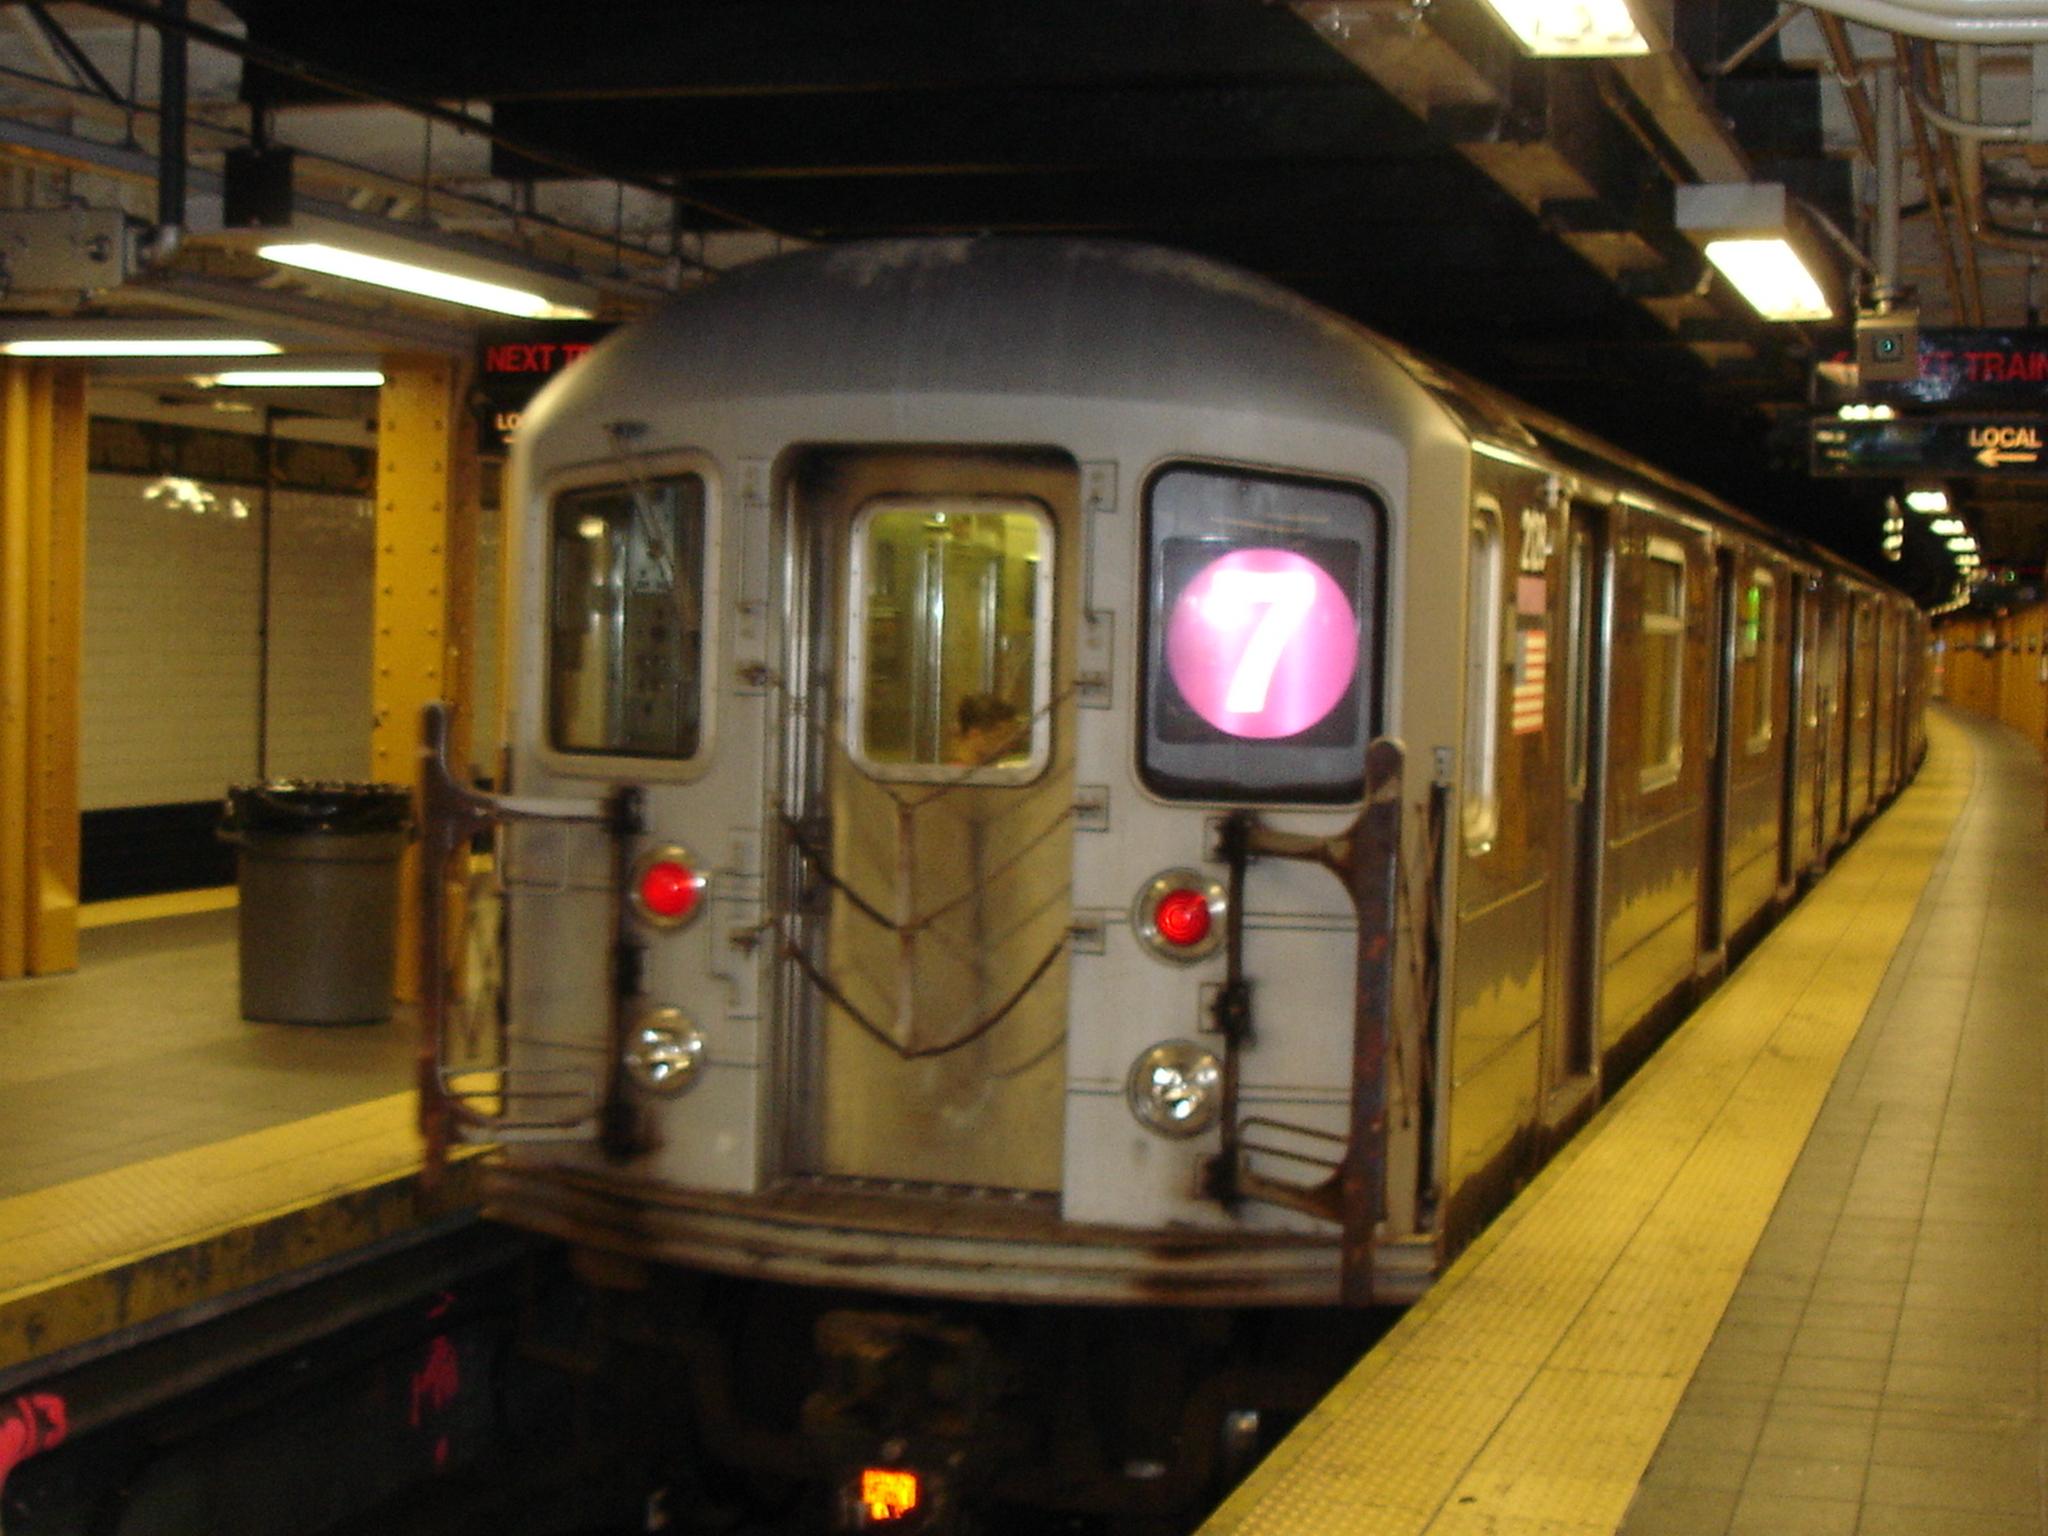 مترو و مزایای استفاده از آن-درست مصرف کنیم - آموزش همگانی - آگاهی مصرف